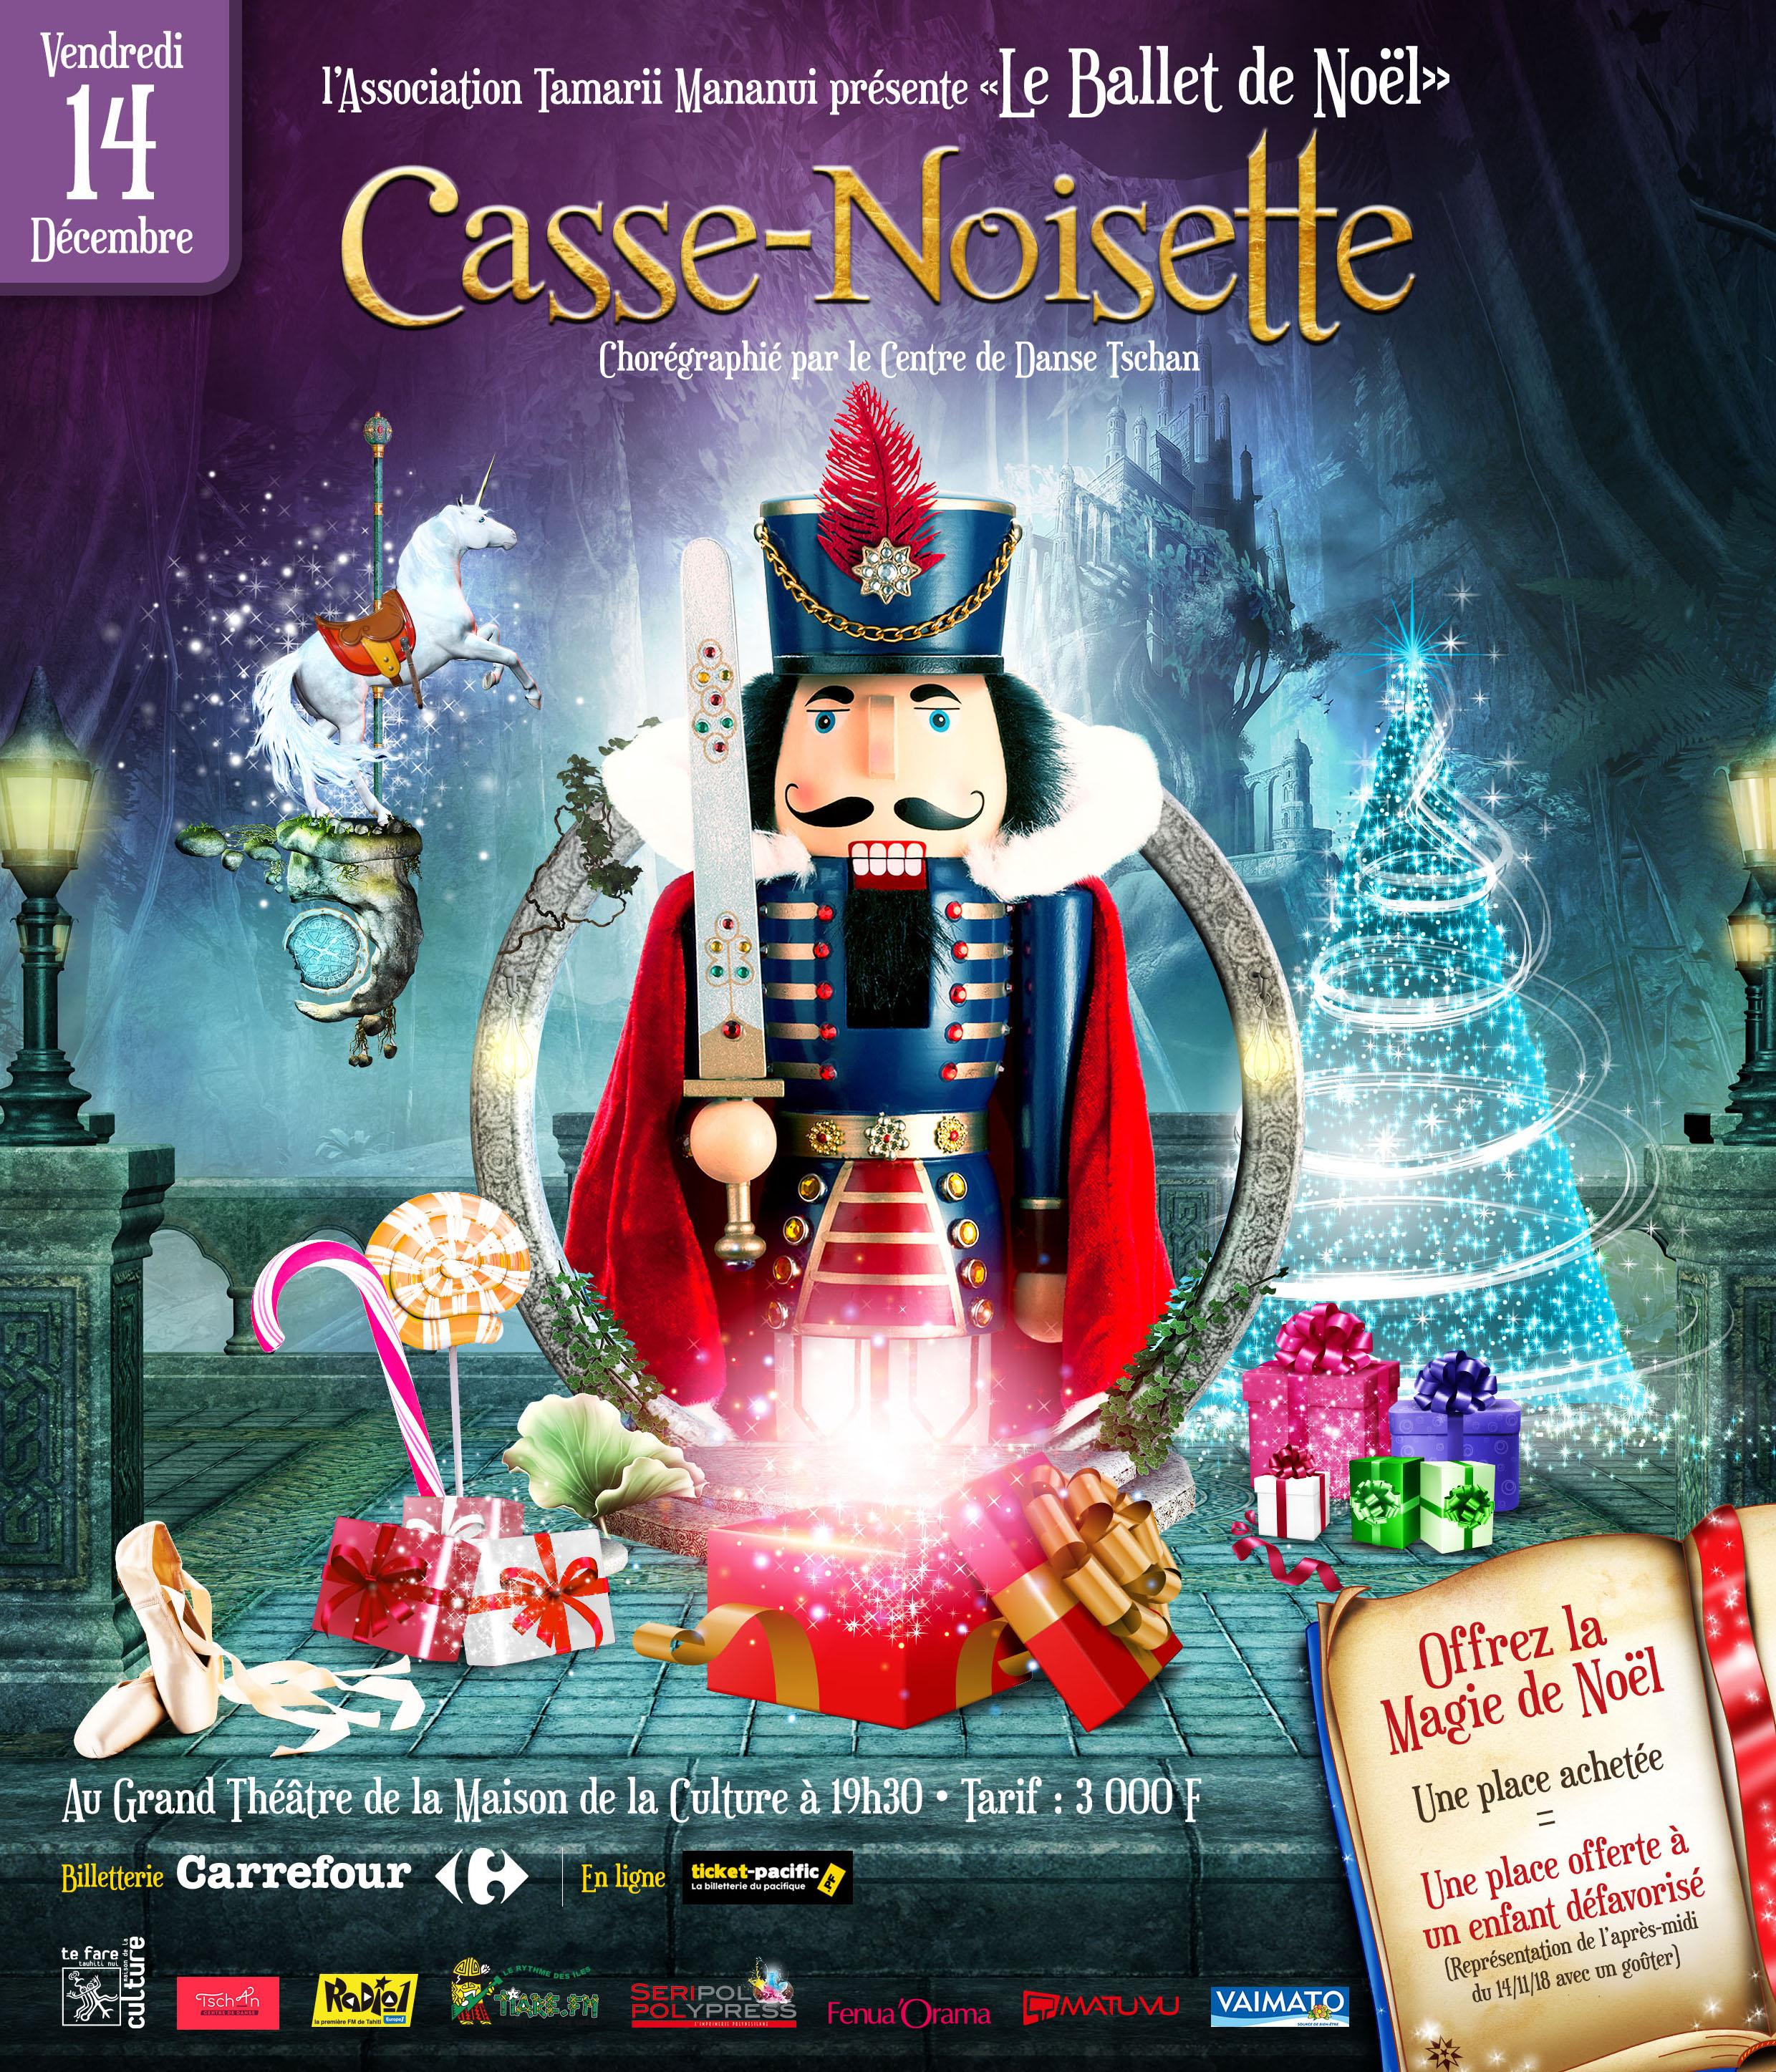 Page enfant : Casse-noisette au Grand théâtre de la maison de la culture